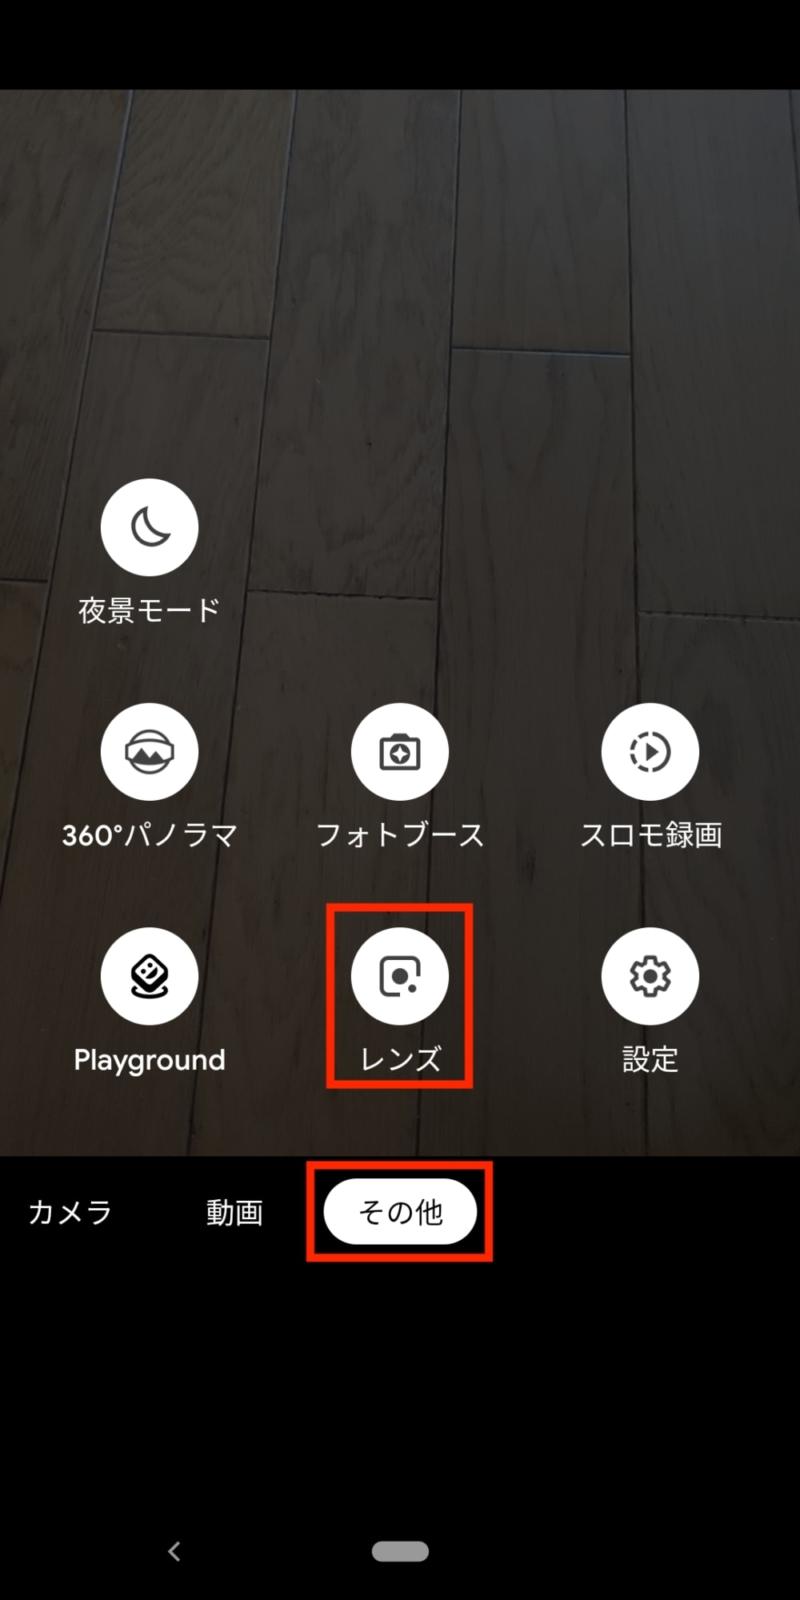 GoogleカメラからGoogleレンズを起動